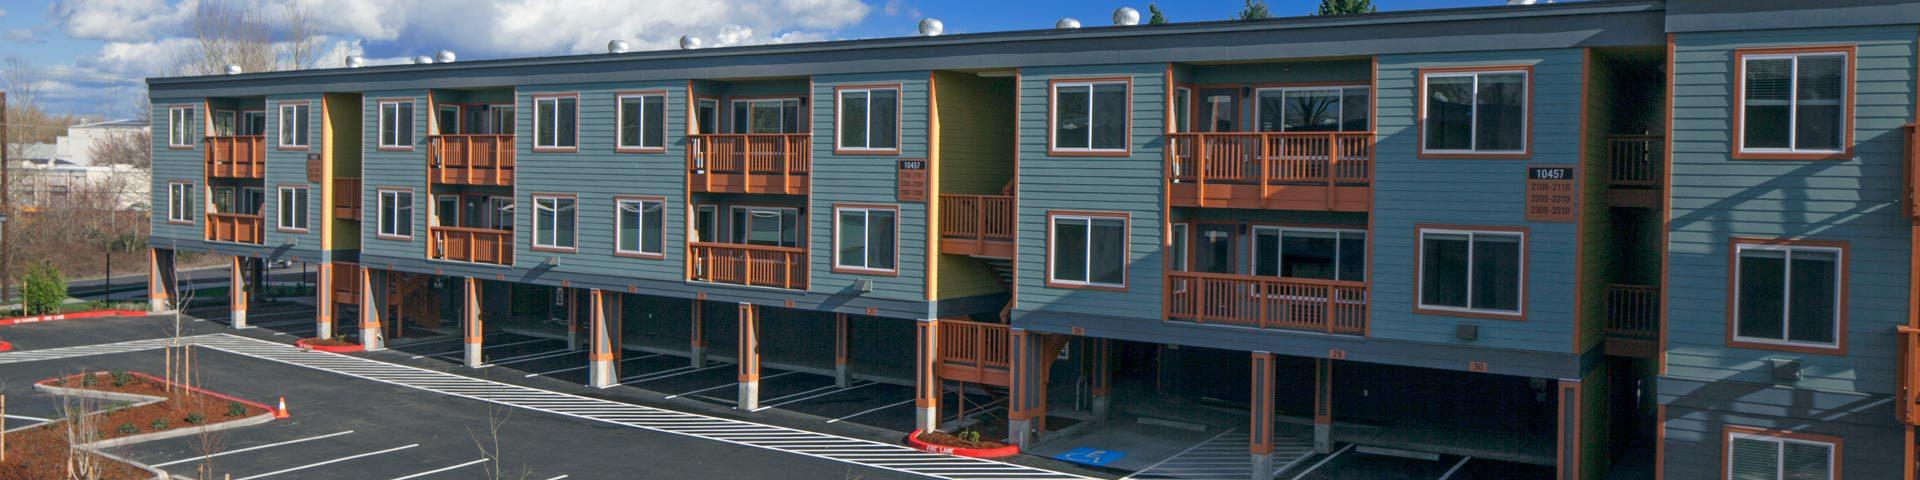 Bridgeton Apartments photo